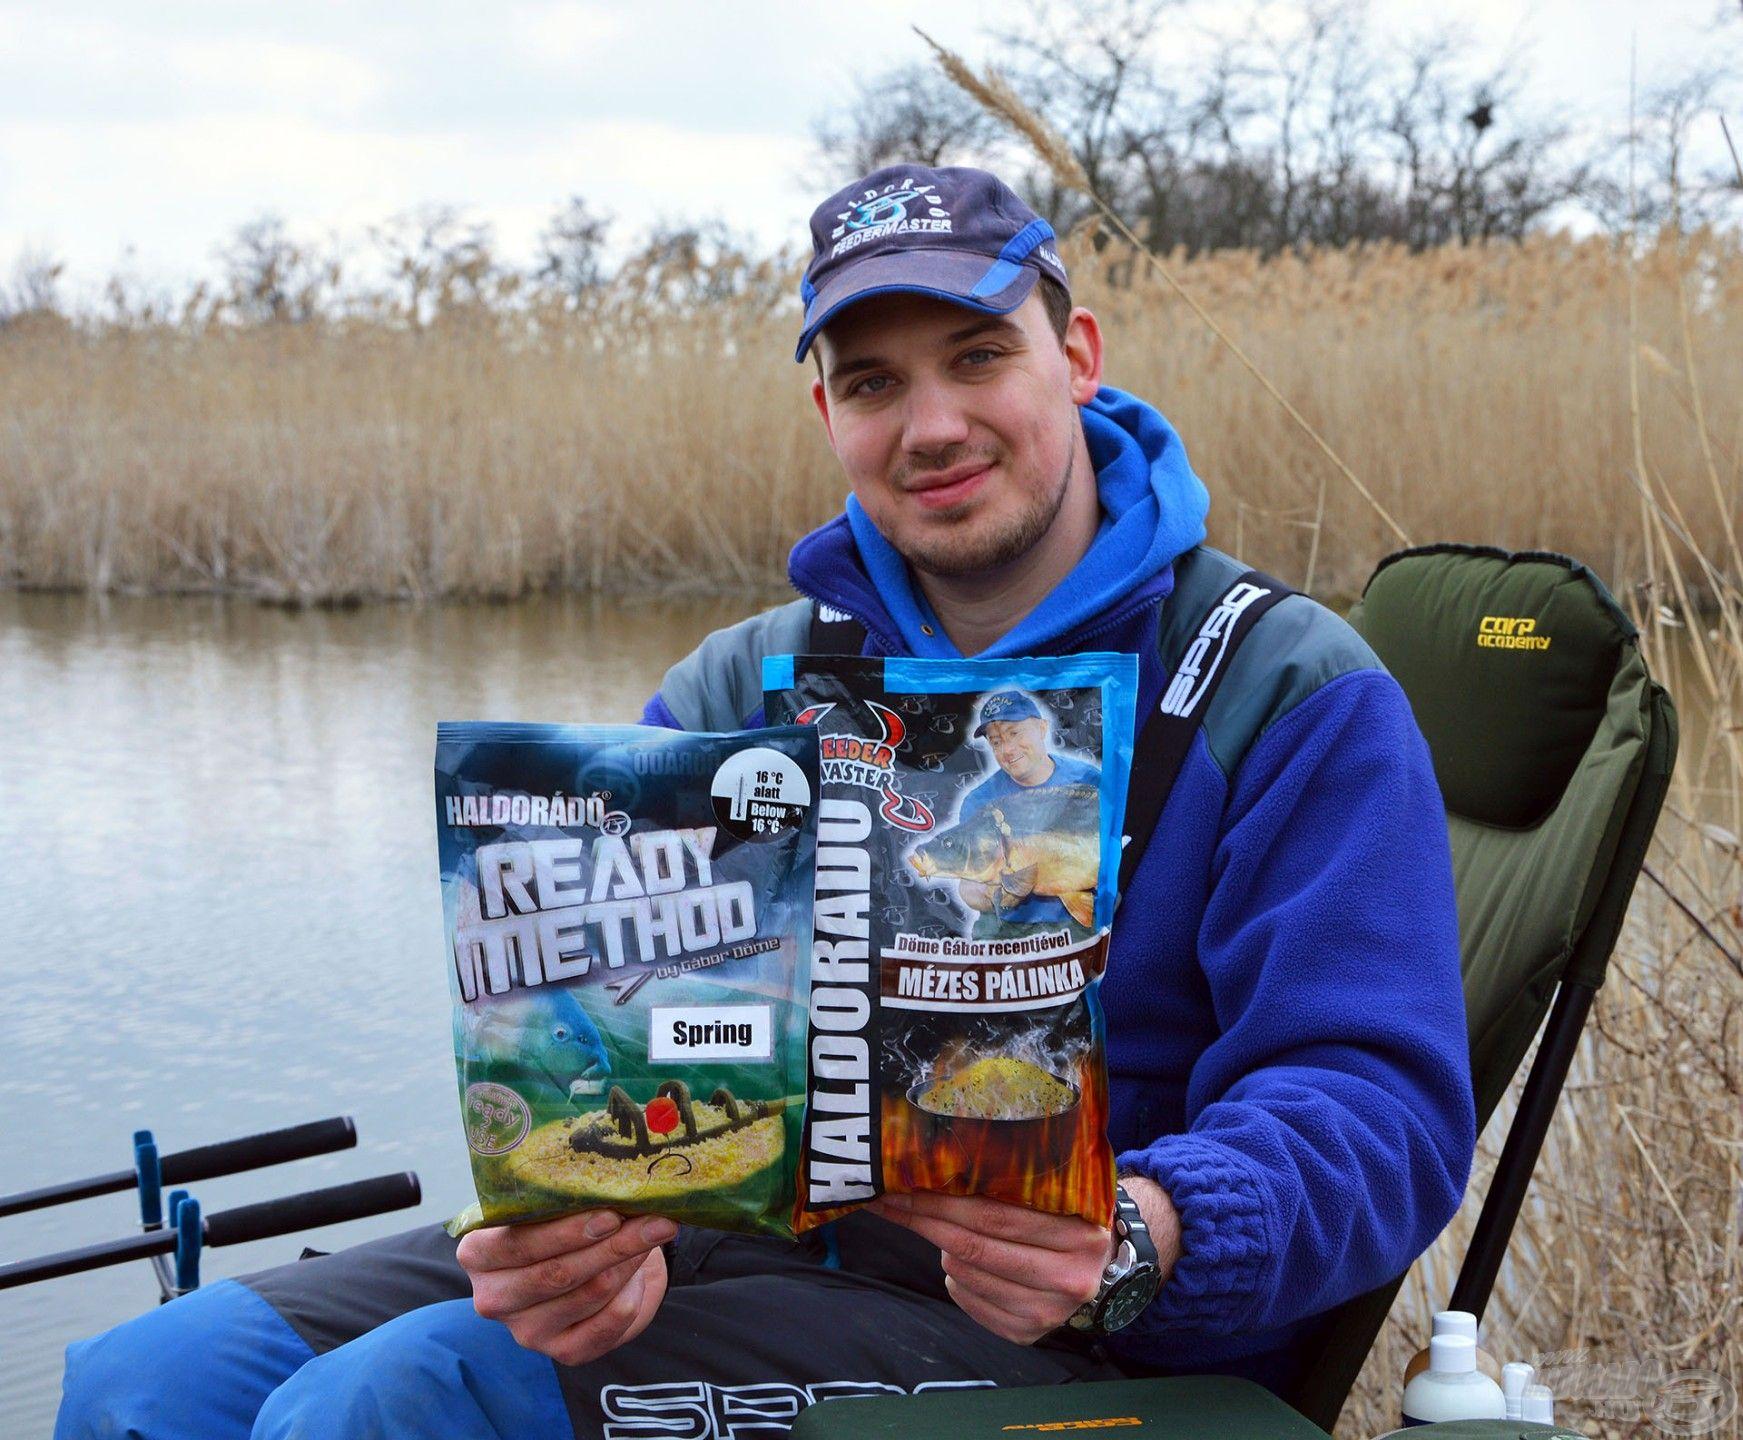 A Ready Method Spring és a Mézes Pálinka etetőanyag édes-gyümölcsös-alkoholos kombinációja a hideg vízi horgászatok favoritja